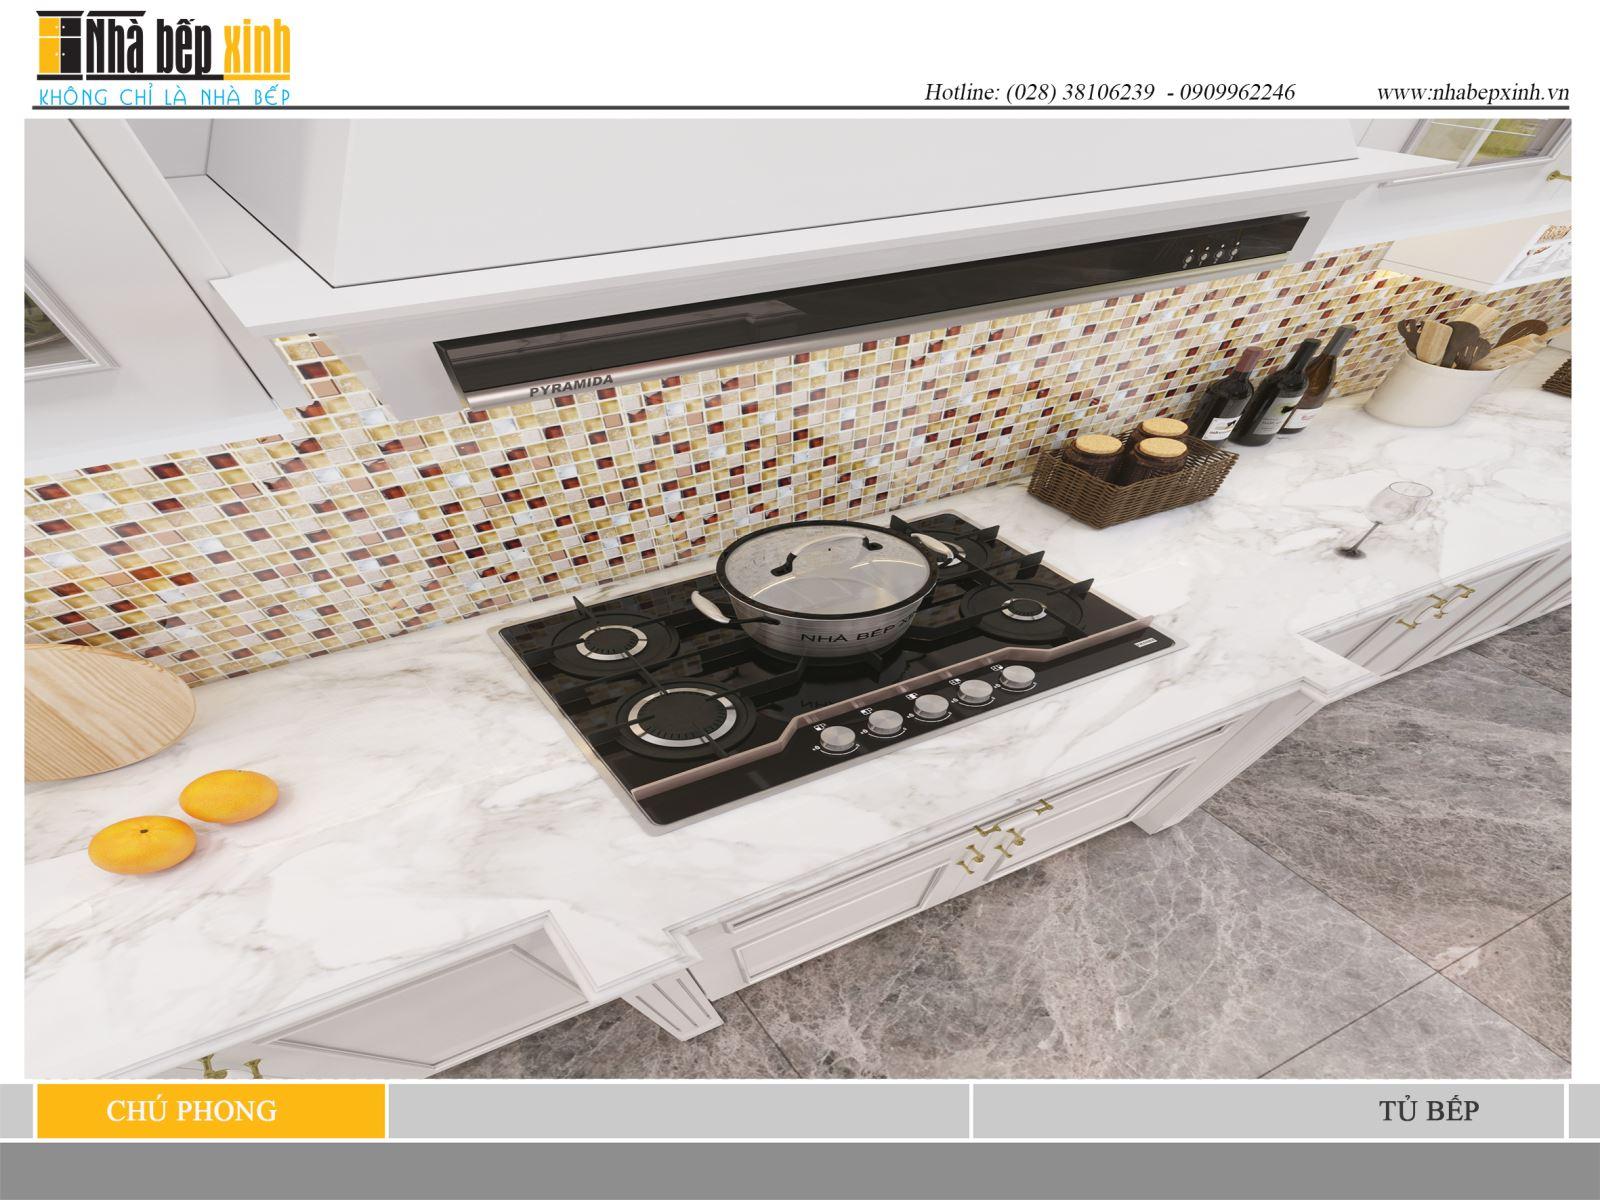 Mẫu tủ bếp không thể thiếu trong nội thất ngôi nhà hiện đại